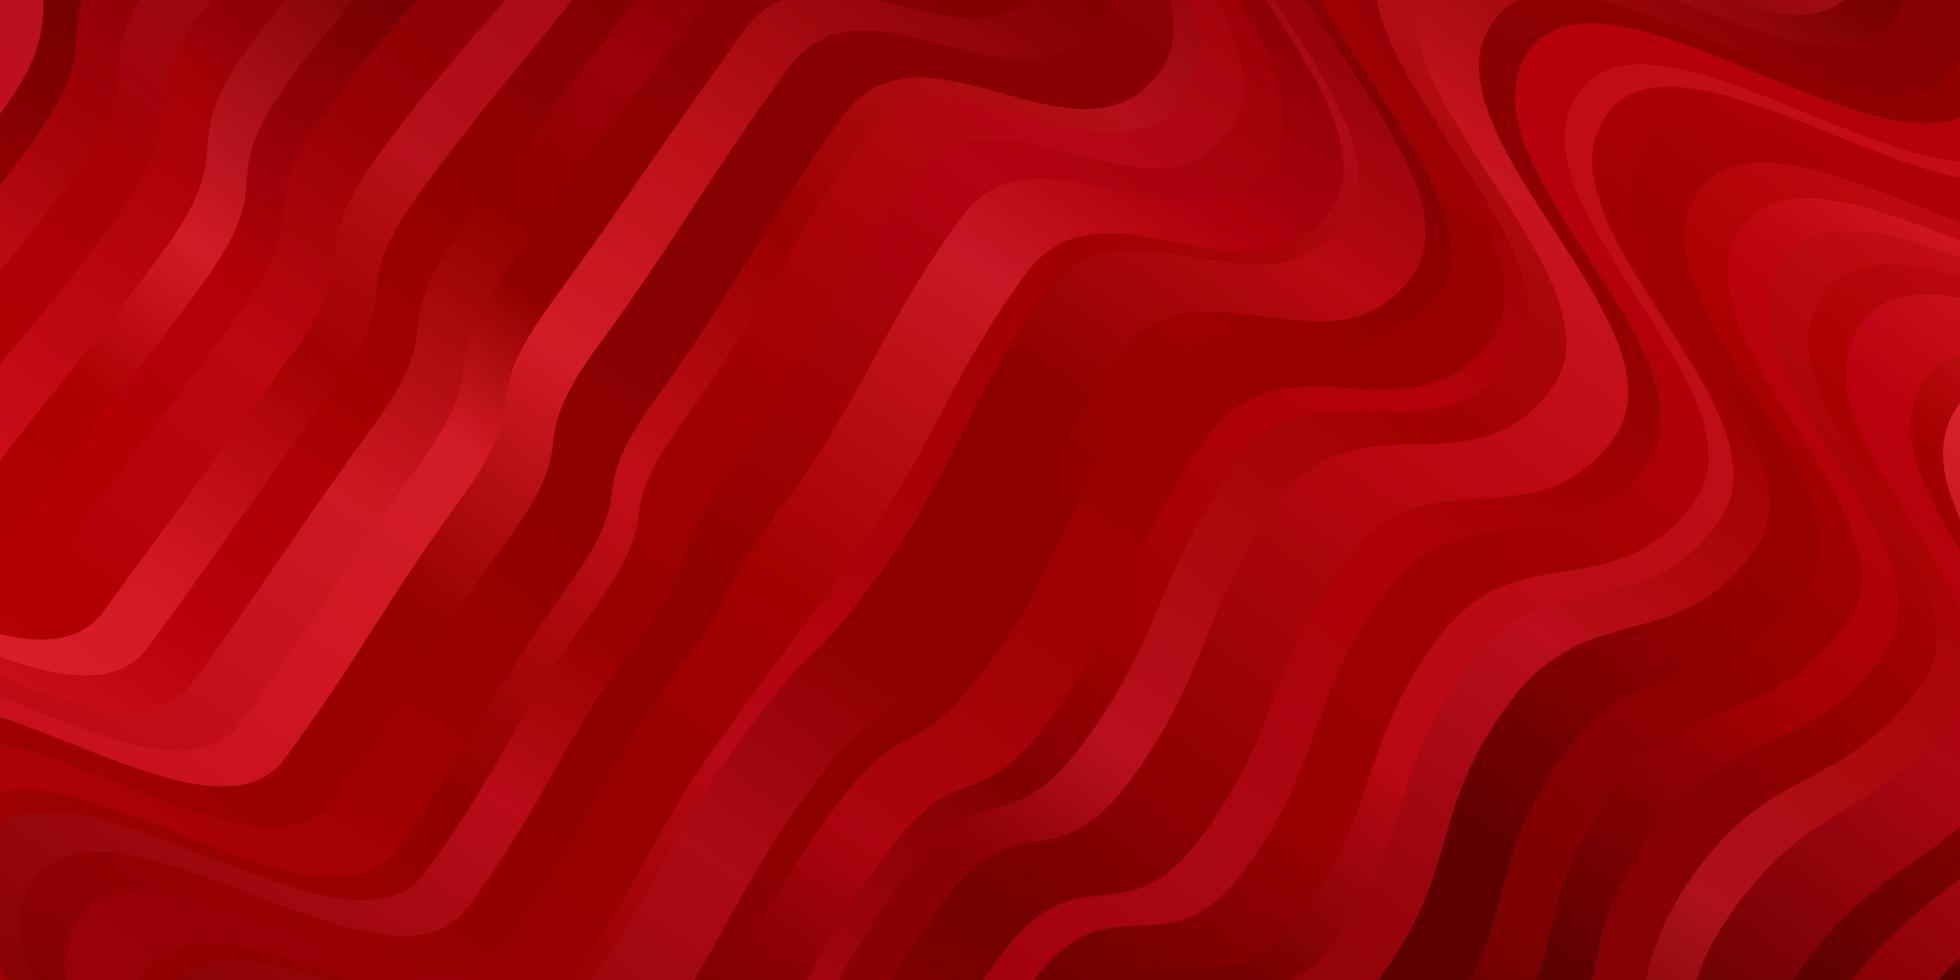 sfondo rosso con linee. vettore